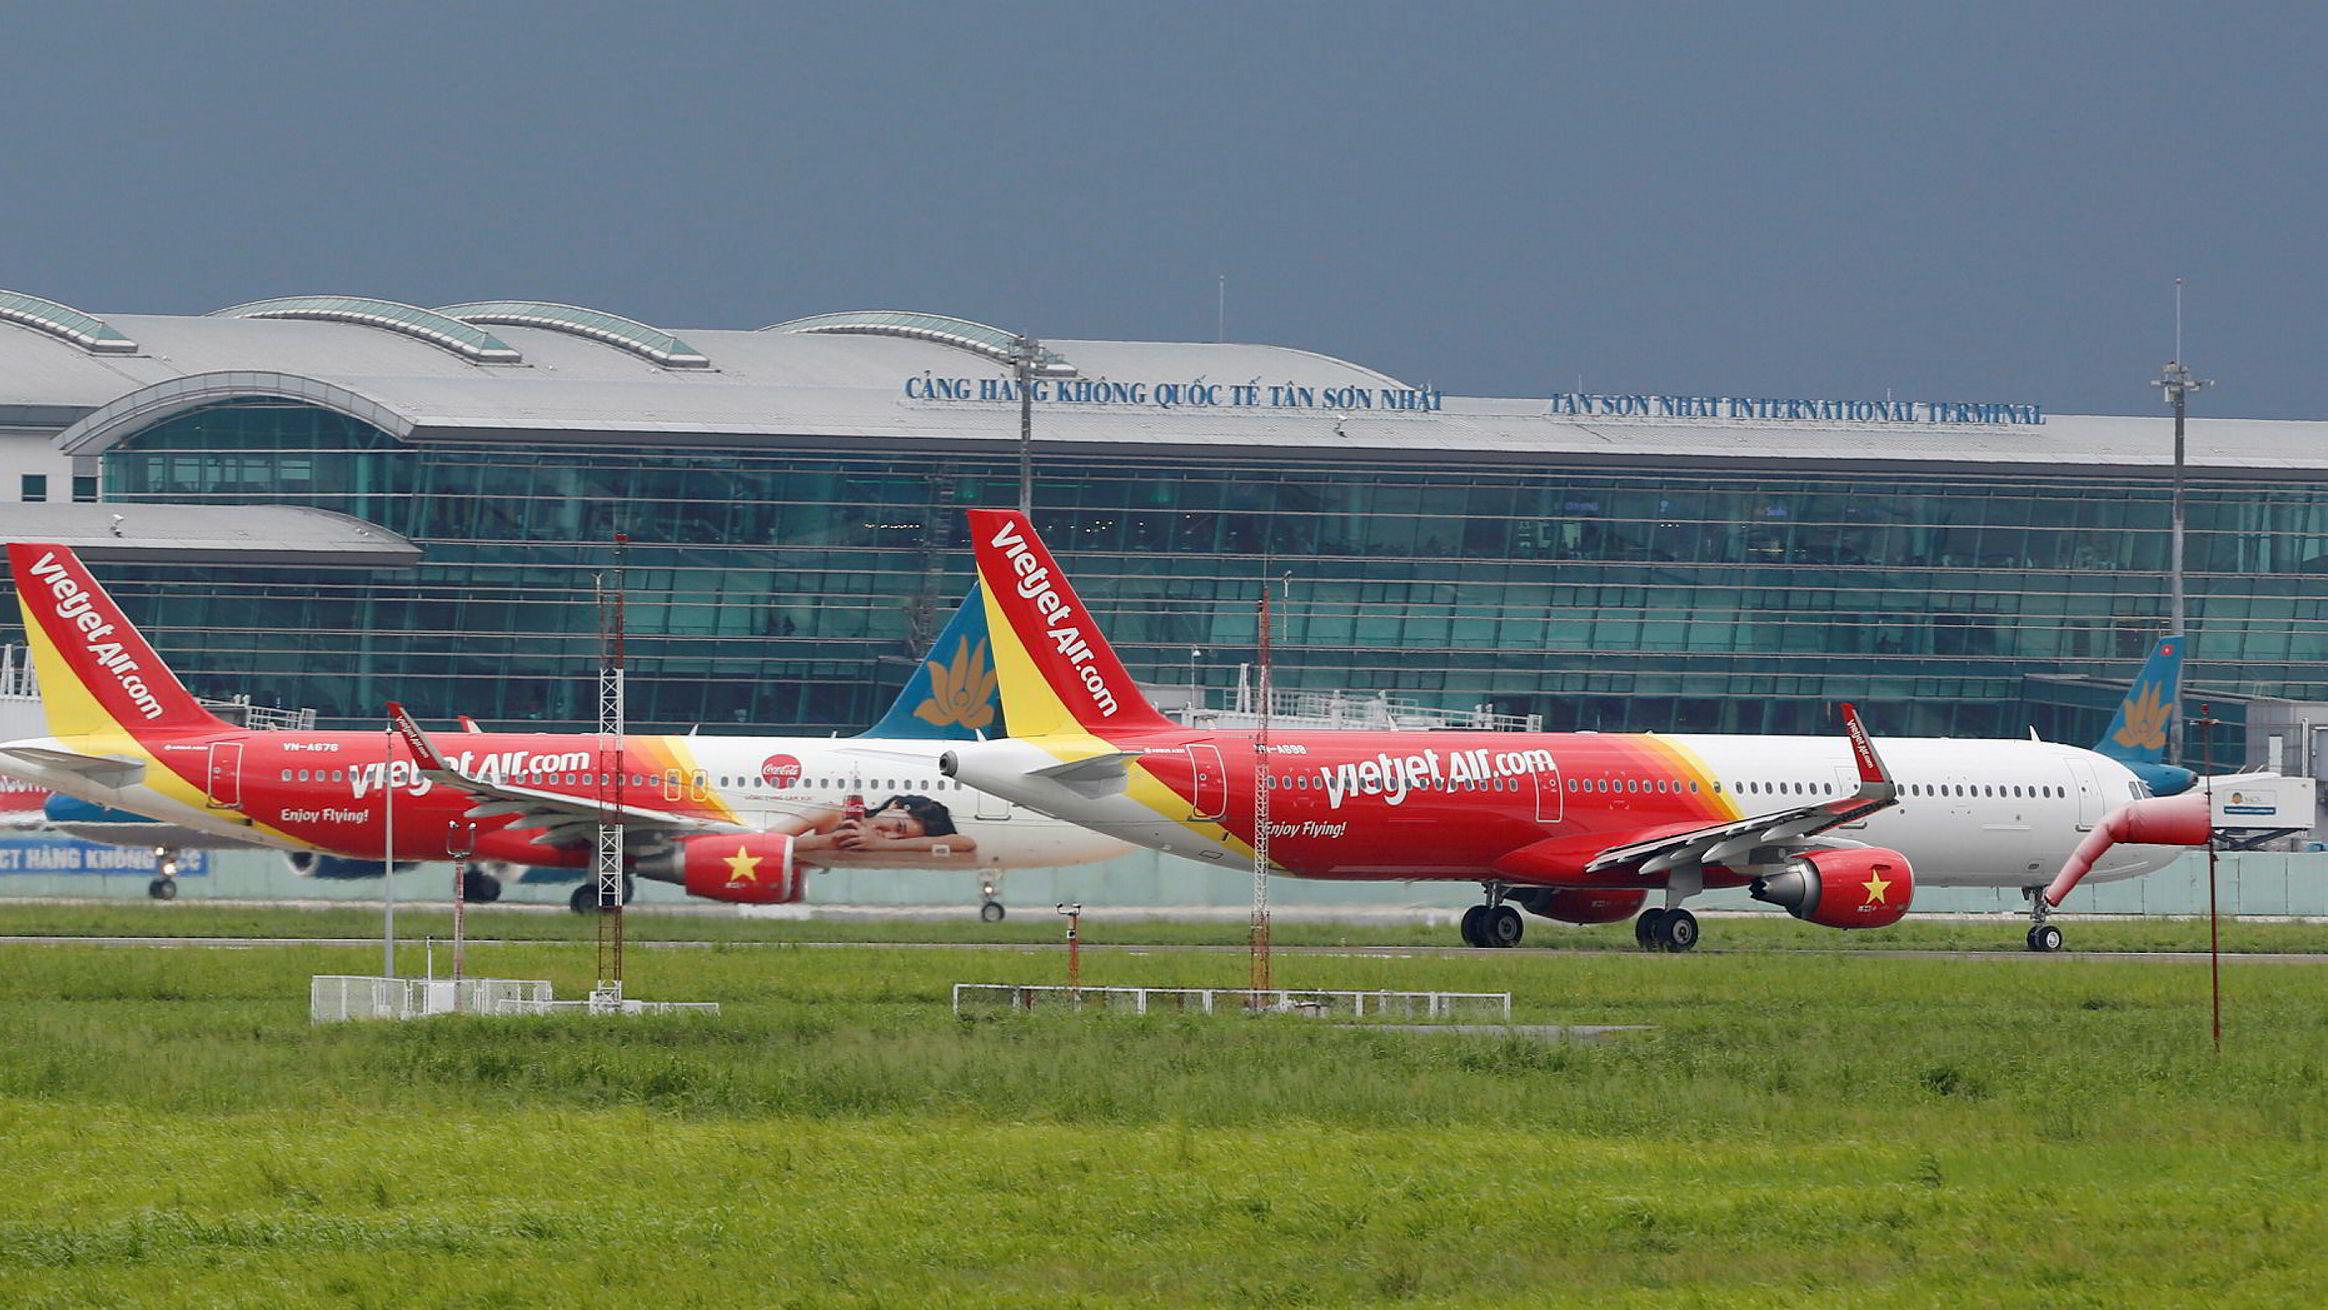 Lavprisselskapet Vietjet Air selger billetter med store rabatter i Sørøst-Asia. En flybillett fra Bangkok til Hanoi koster under 20 kroner før avgifter.